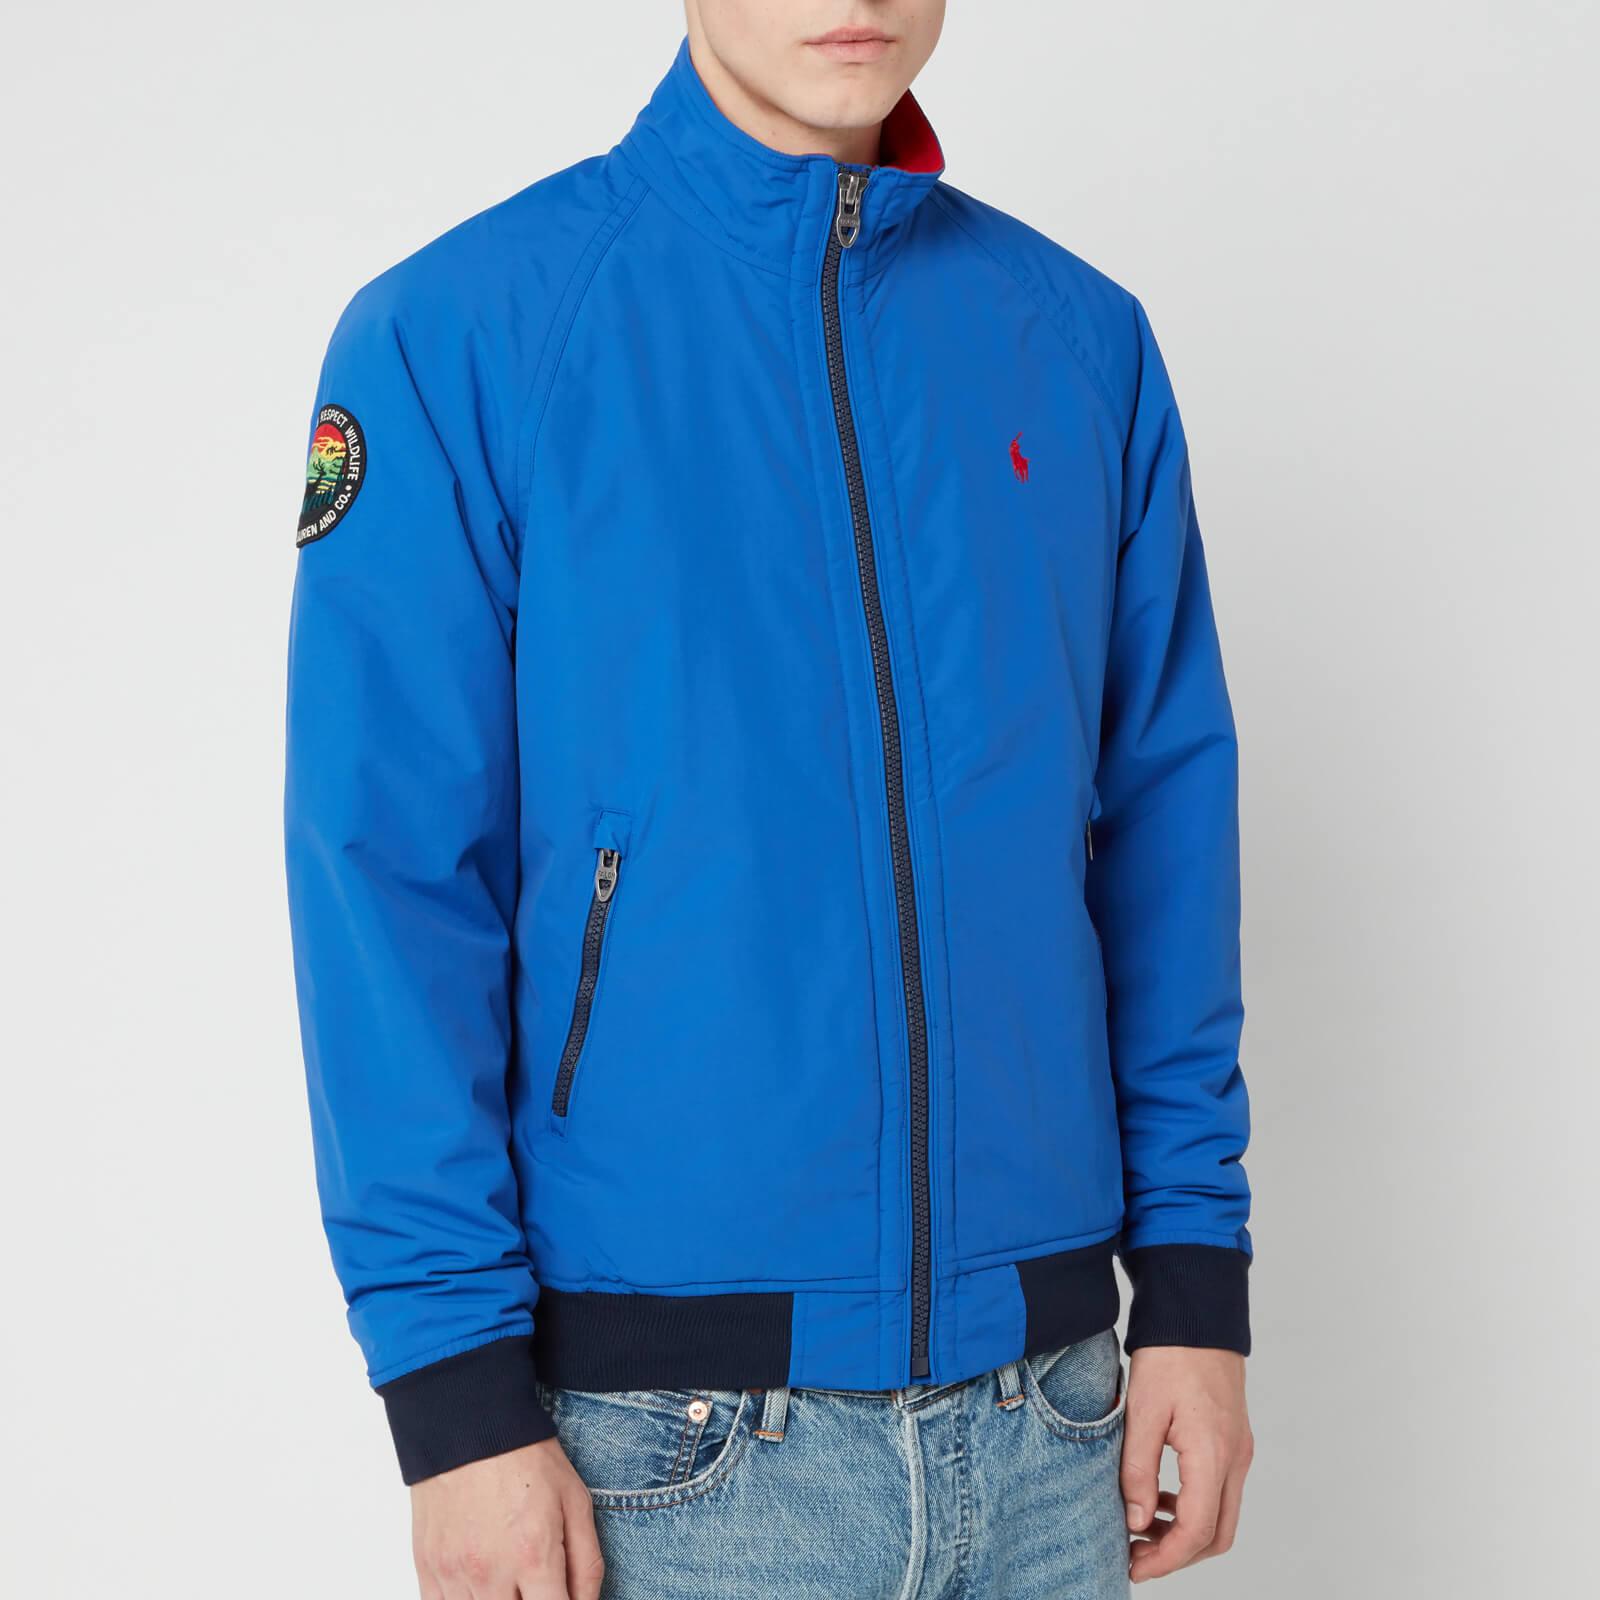 Lauren Ralph Saturn Portage Polo Bomber Men's Jacket Blue c34L5AjRqS